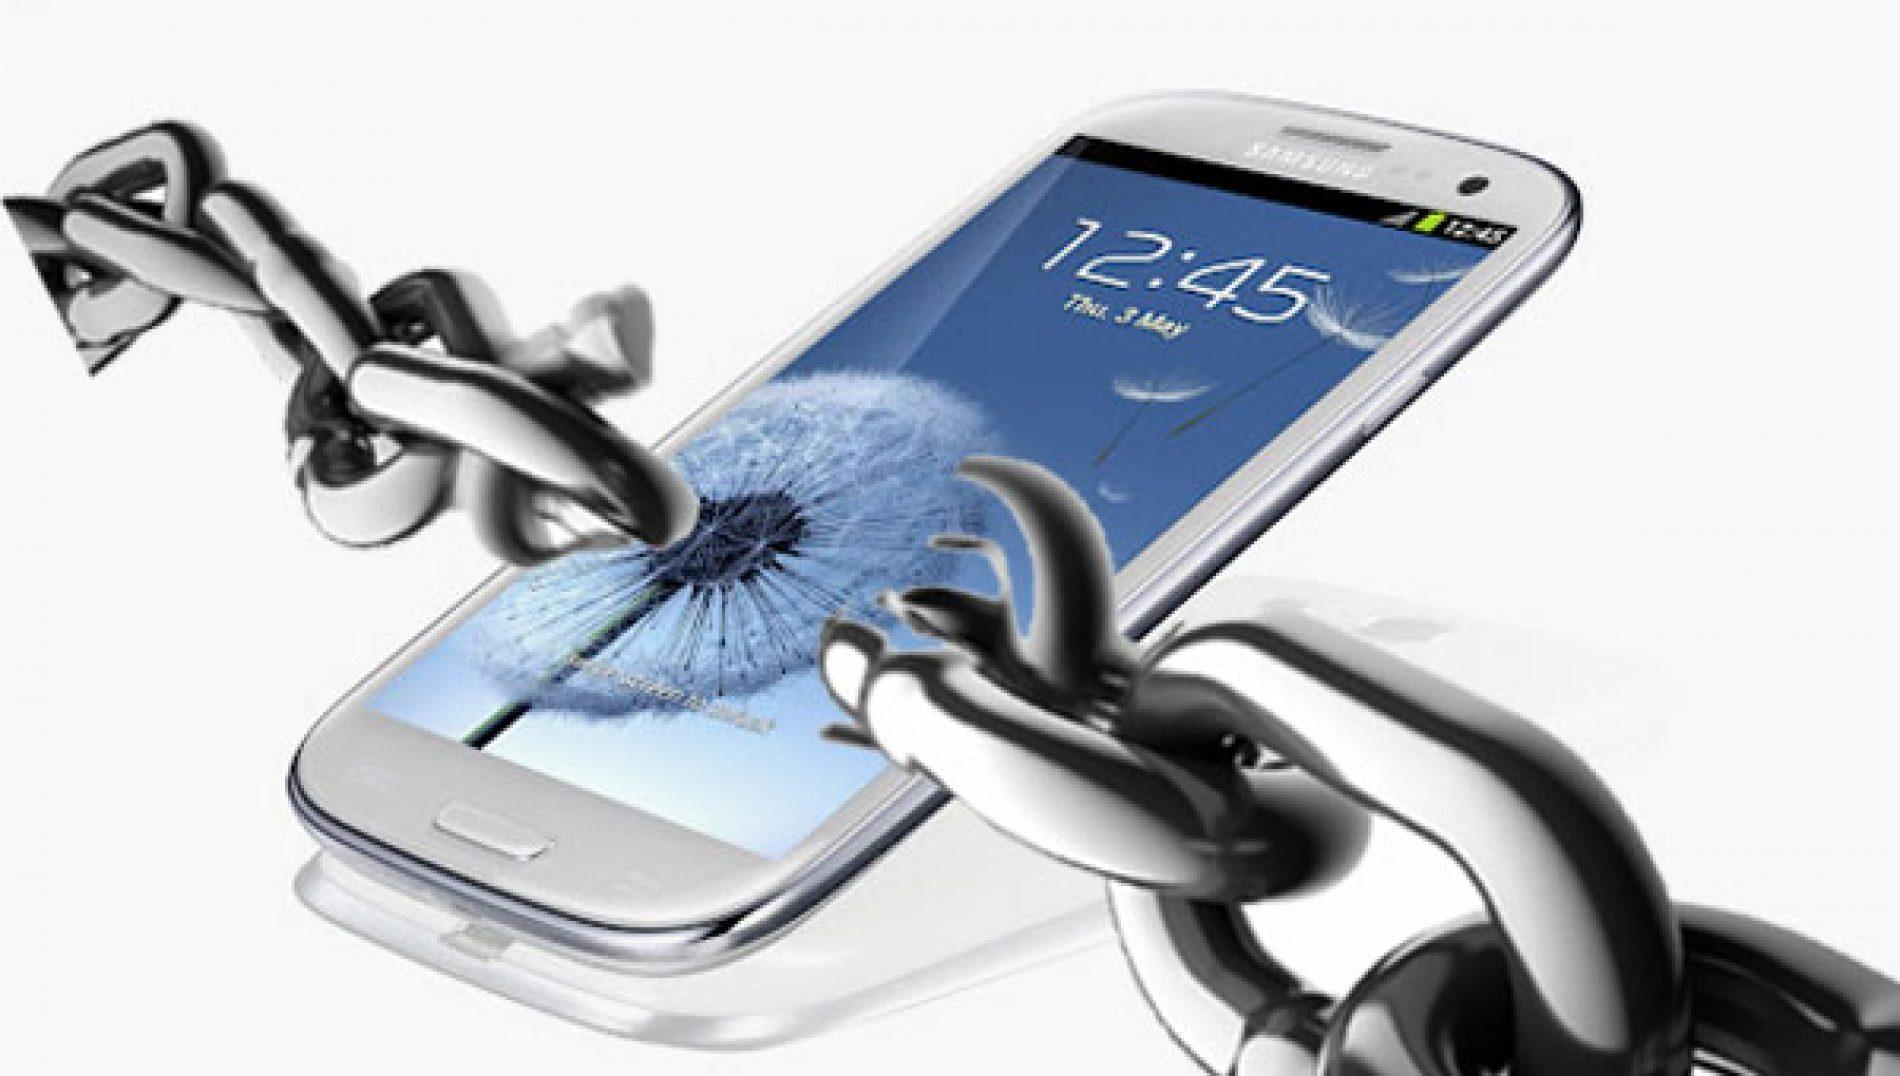 Samsung Galaxy S III: ¡Rootealo y libéralo tú mismo!